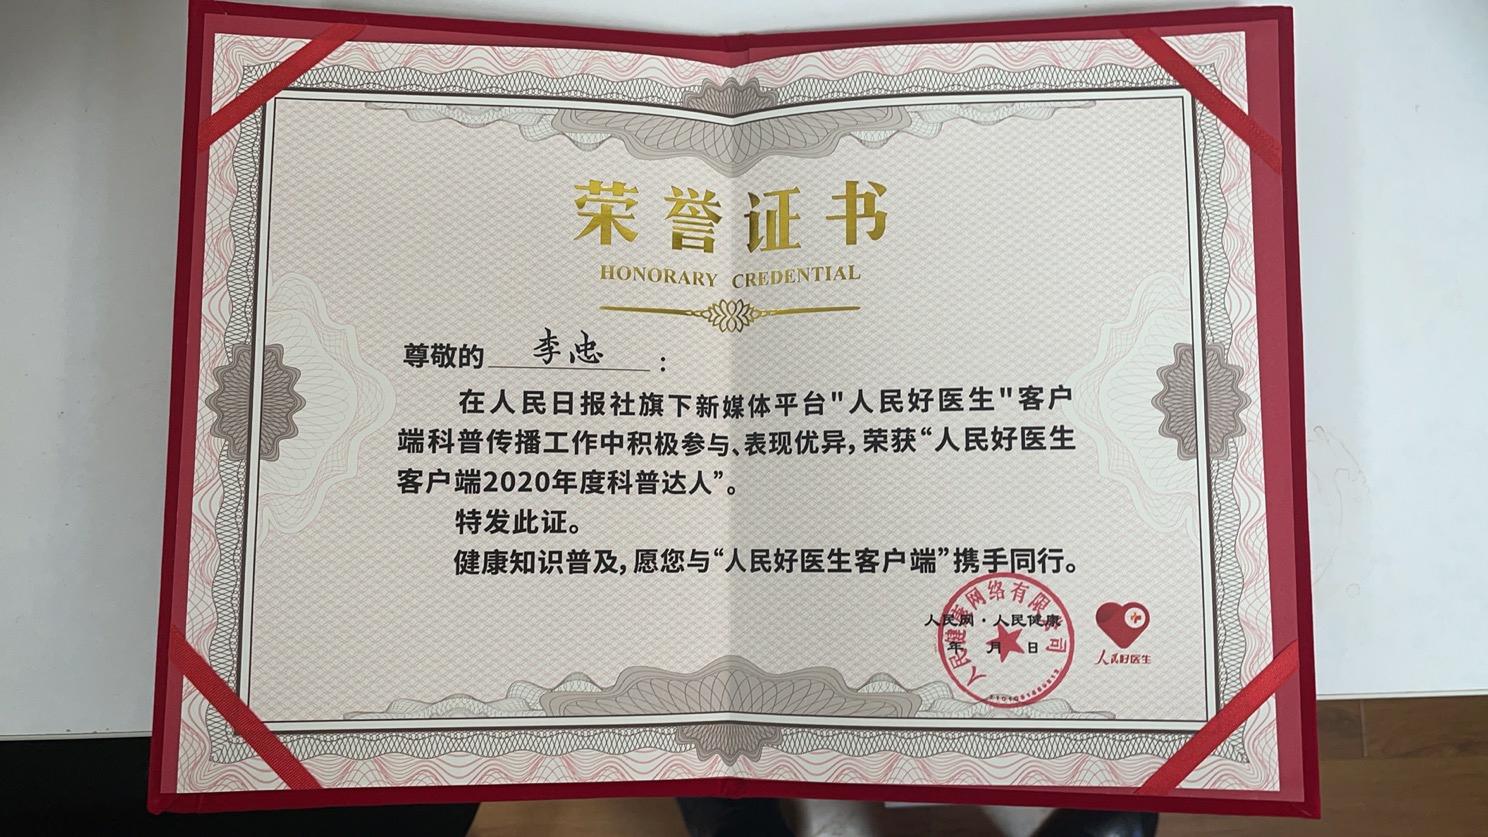 """中医肿瘤专家李忠教授荣膺""""人民好医生客户端2020年度科普达人""""称号"""